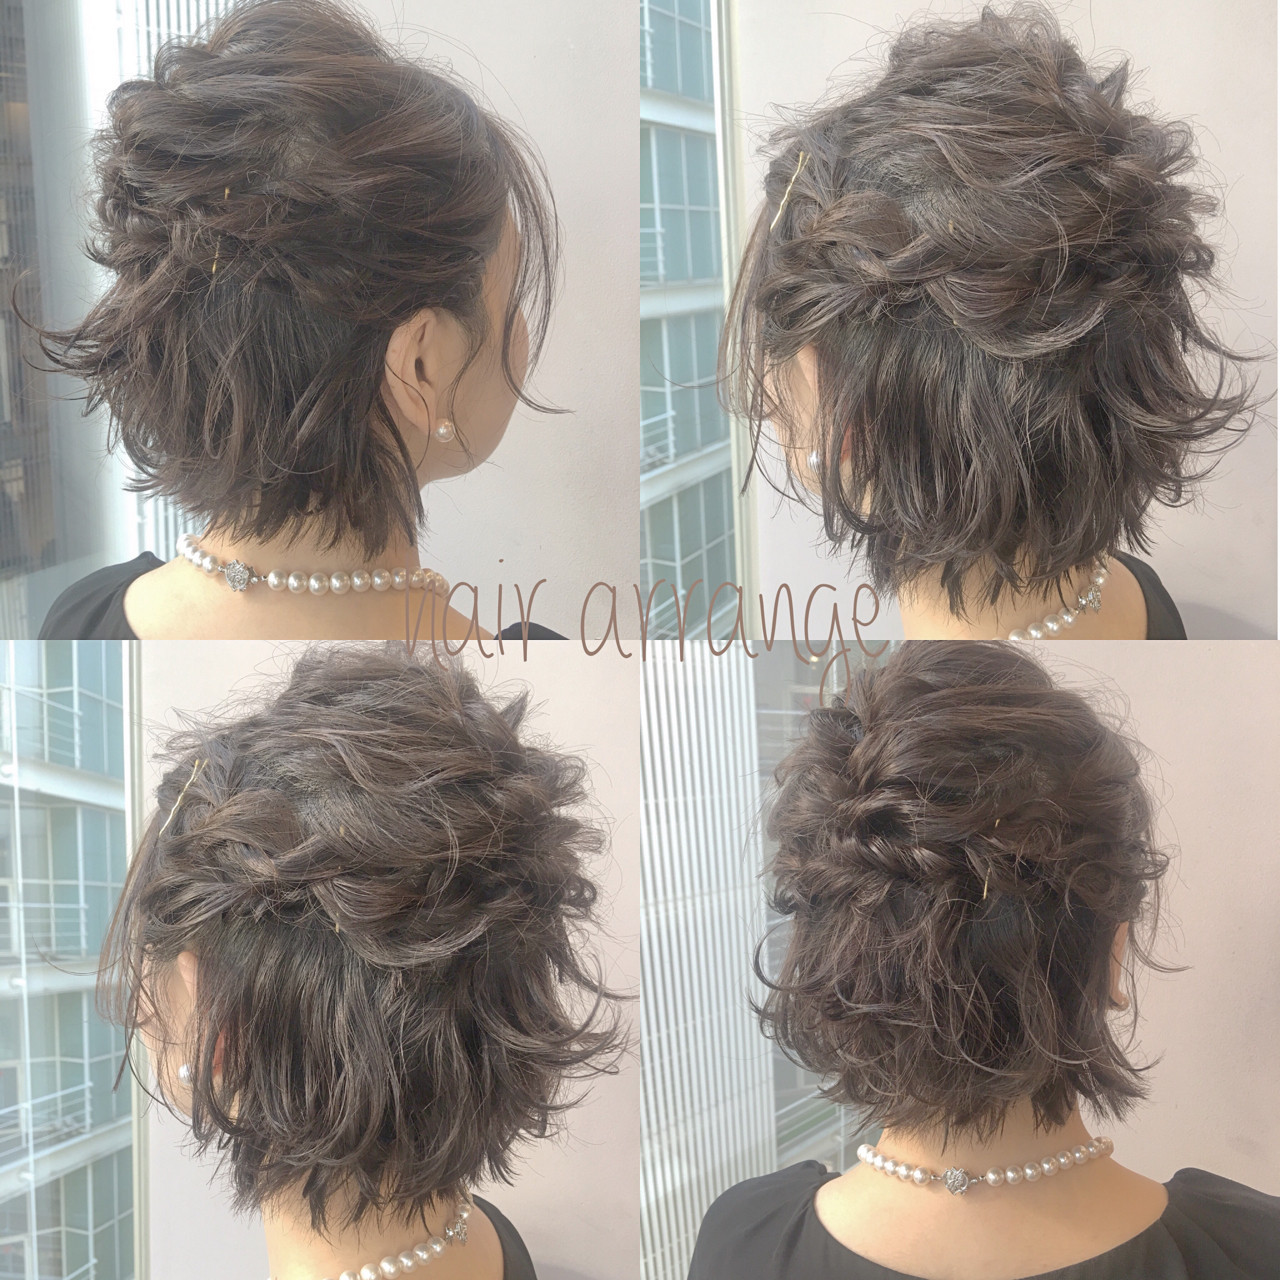 ブライダル ヘアアレンジ デート ショート ヘアスタイルや髪型の写真・画像